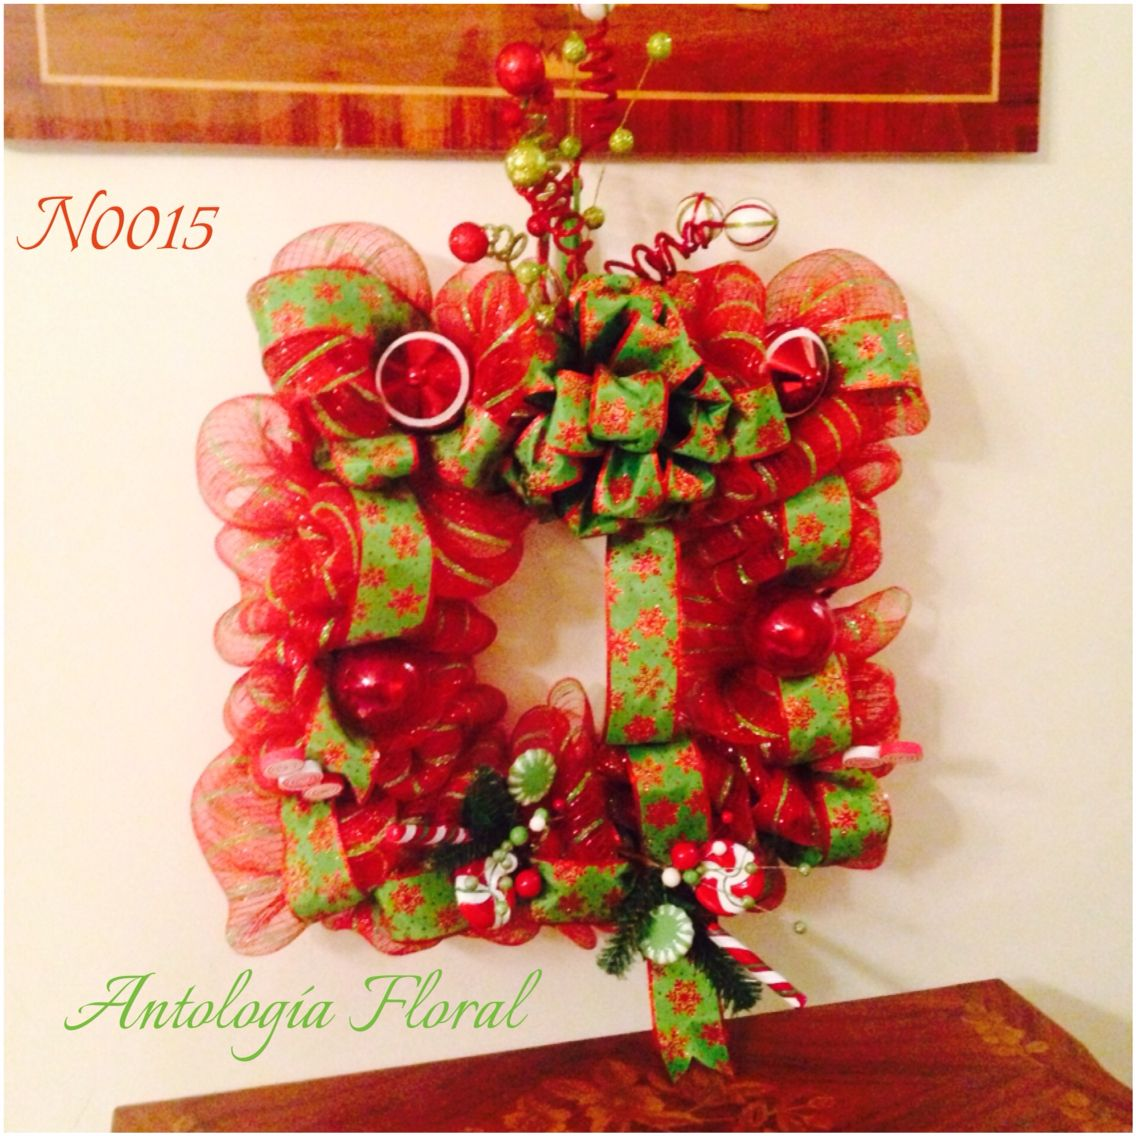 Decoraci n navide a para puerta o pared en forma de marco for Decoracion de puertas para navidad